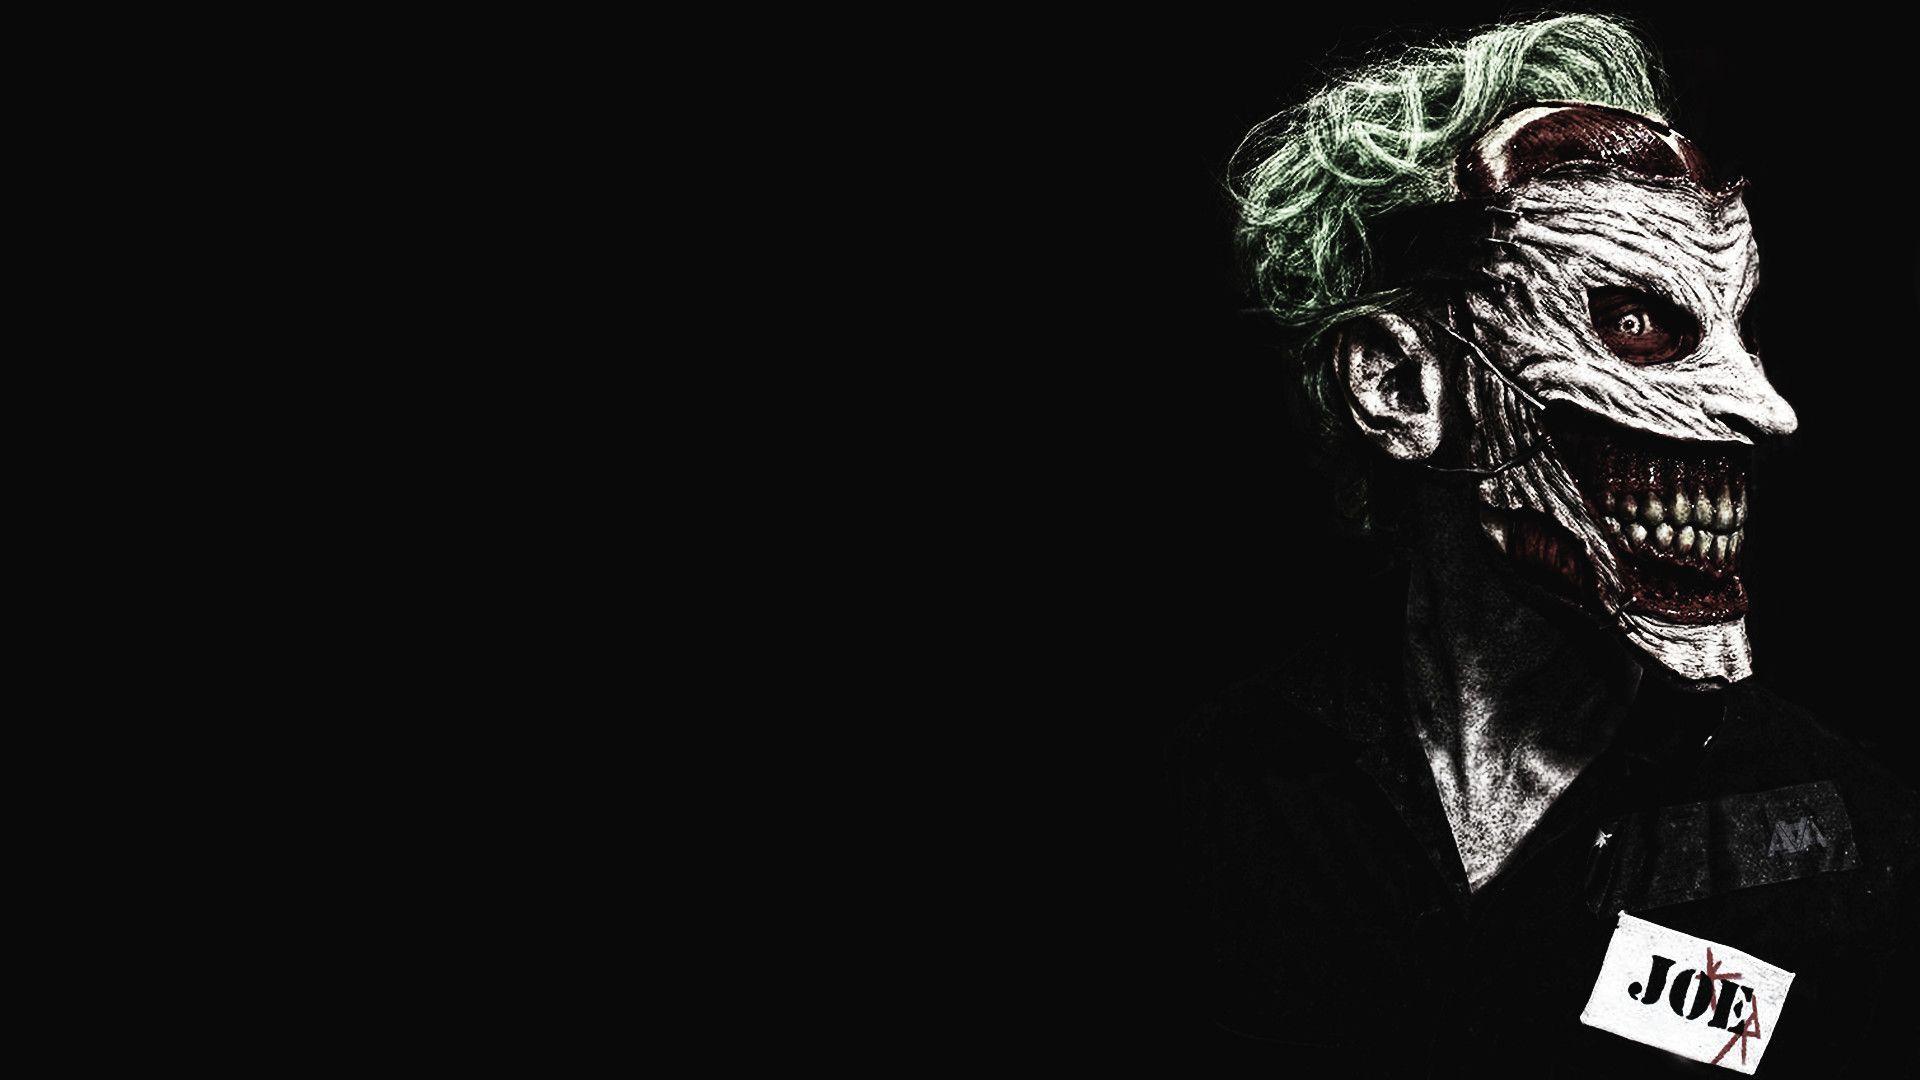 Batman And Joker Wallpaper 485073 The Joker Heath Ledger Joker Gambar Keren